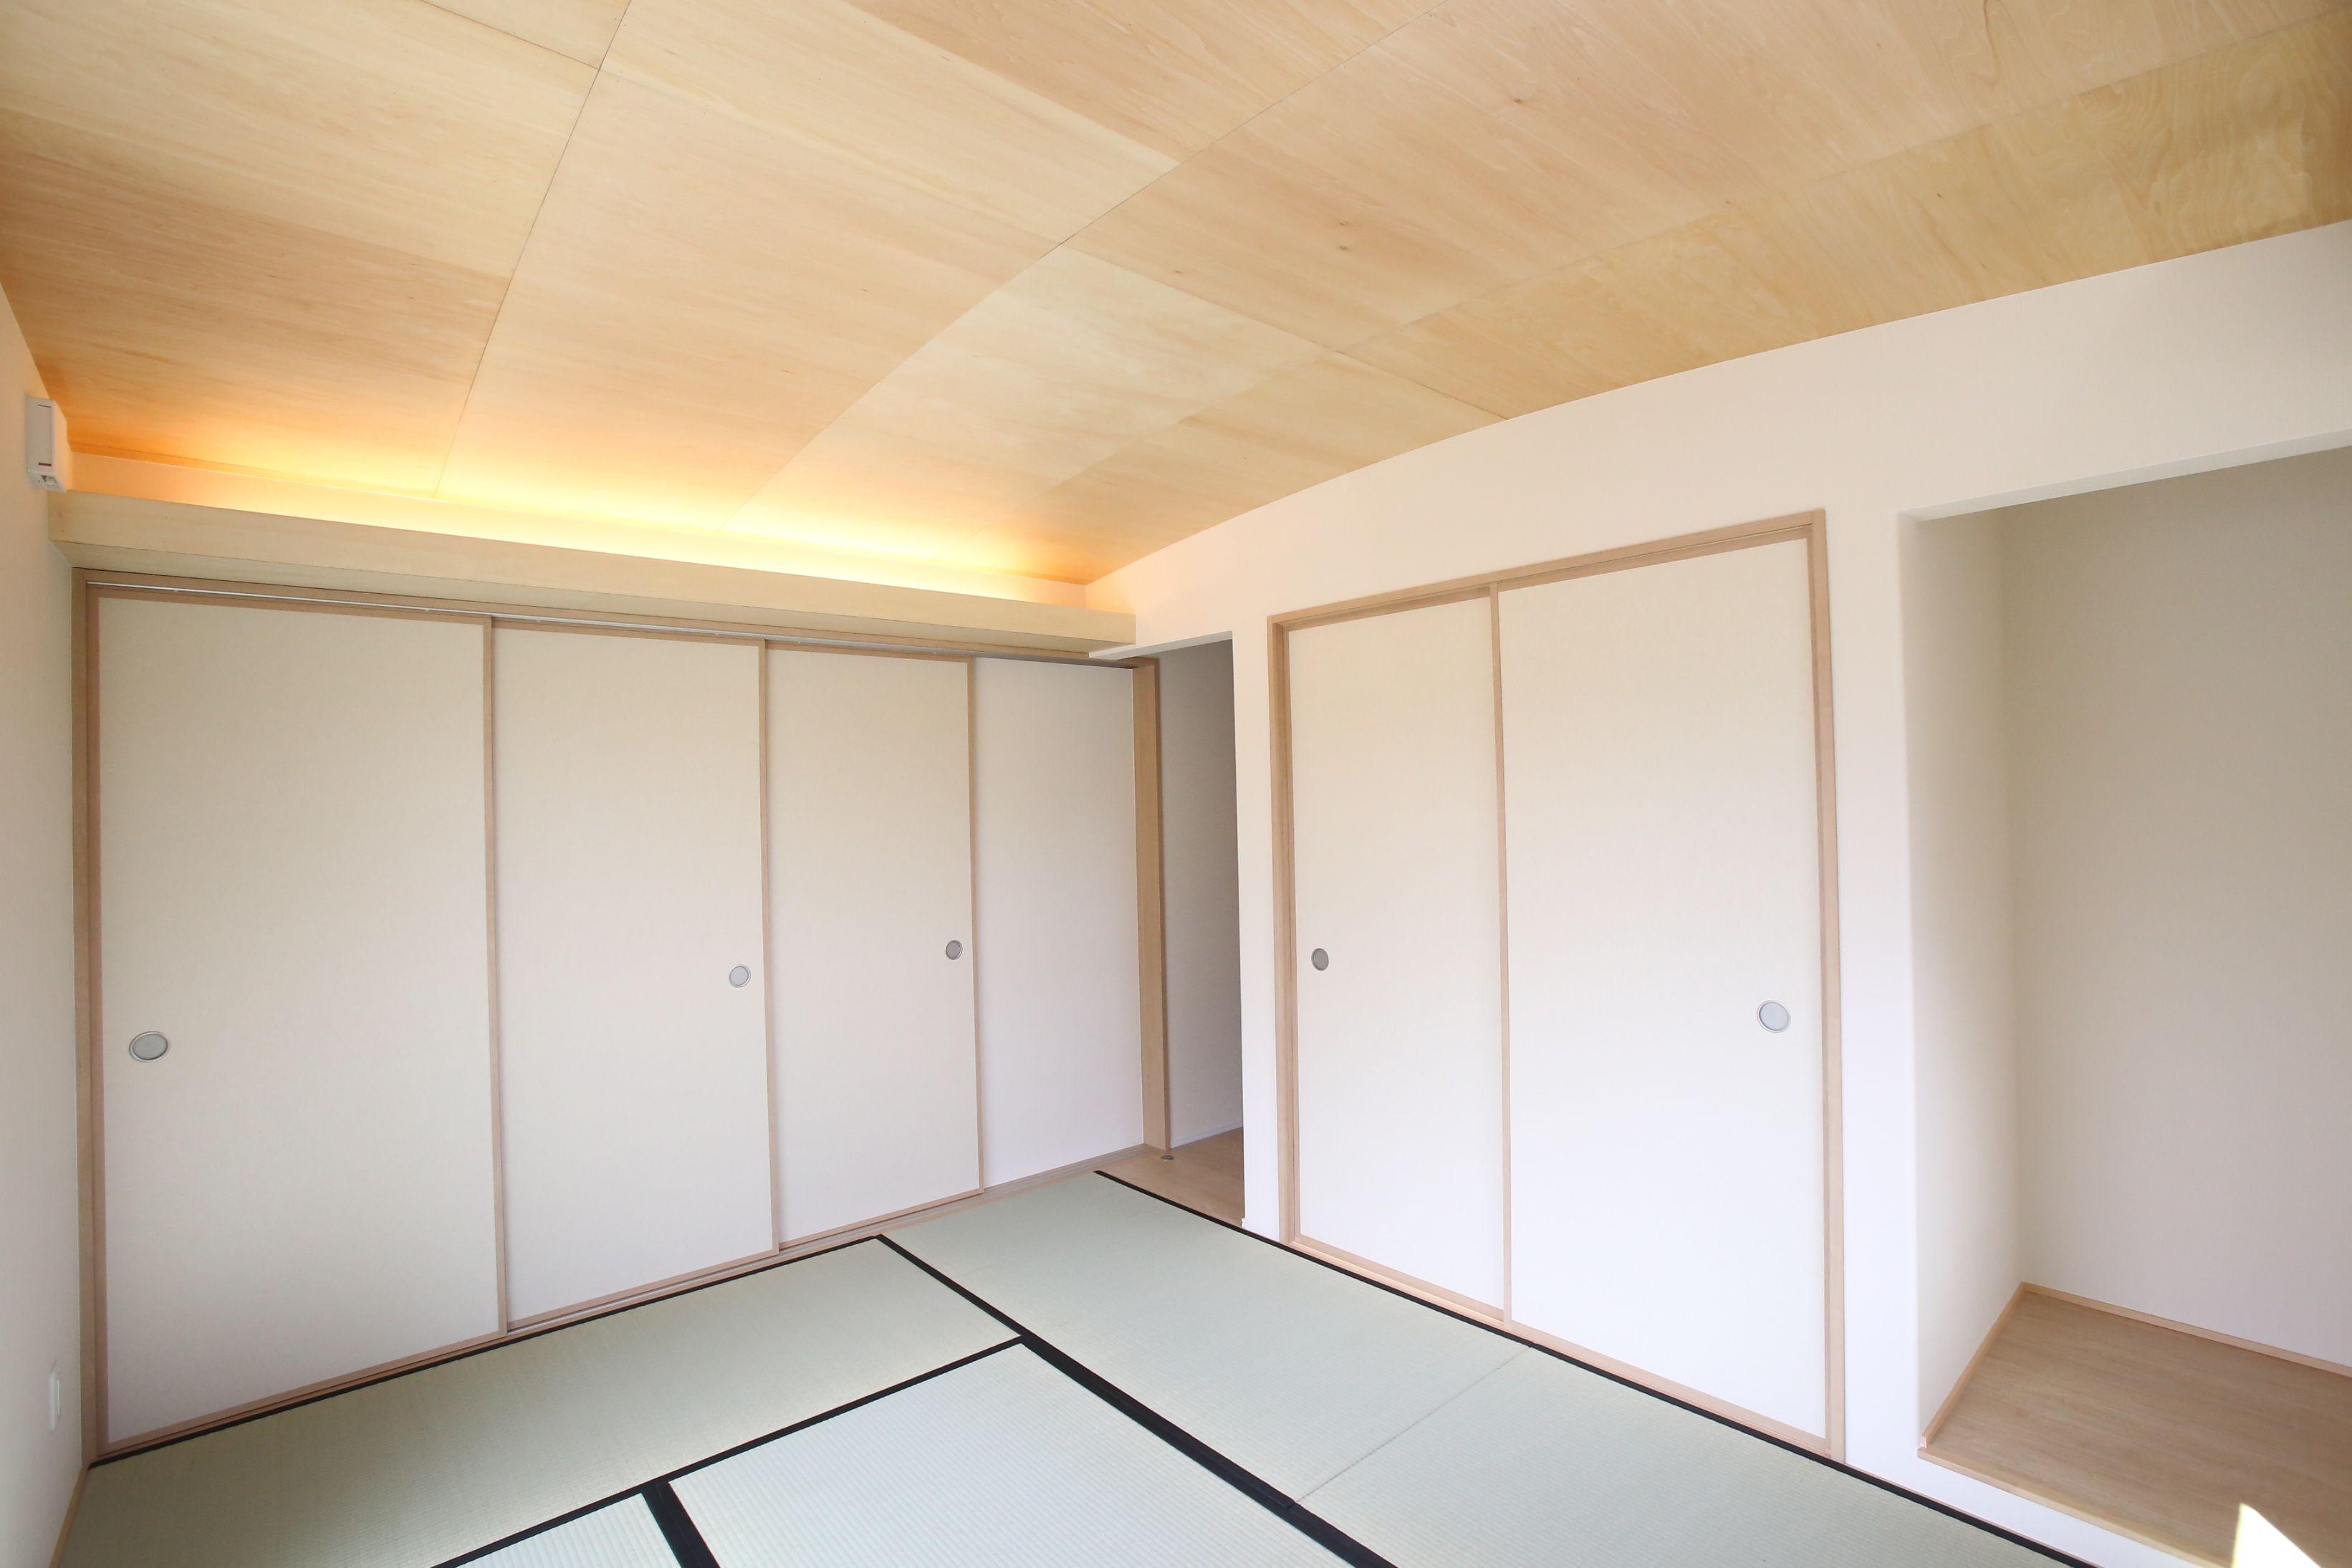 アーチ型の天井と間接照明がおしゃれな和室 天井にはシナベニヤを